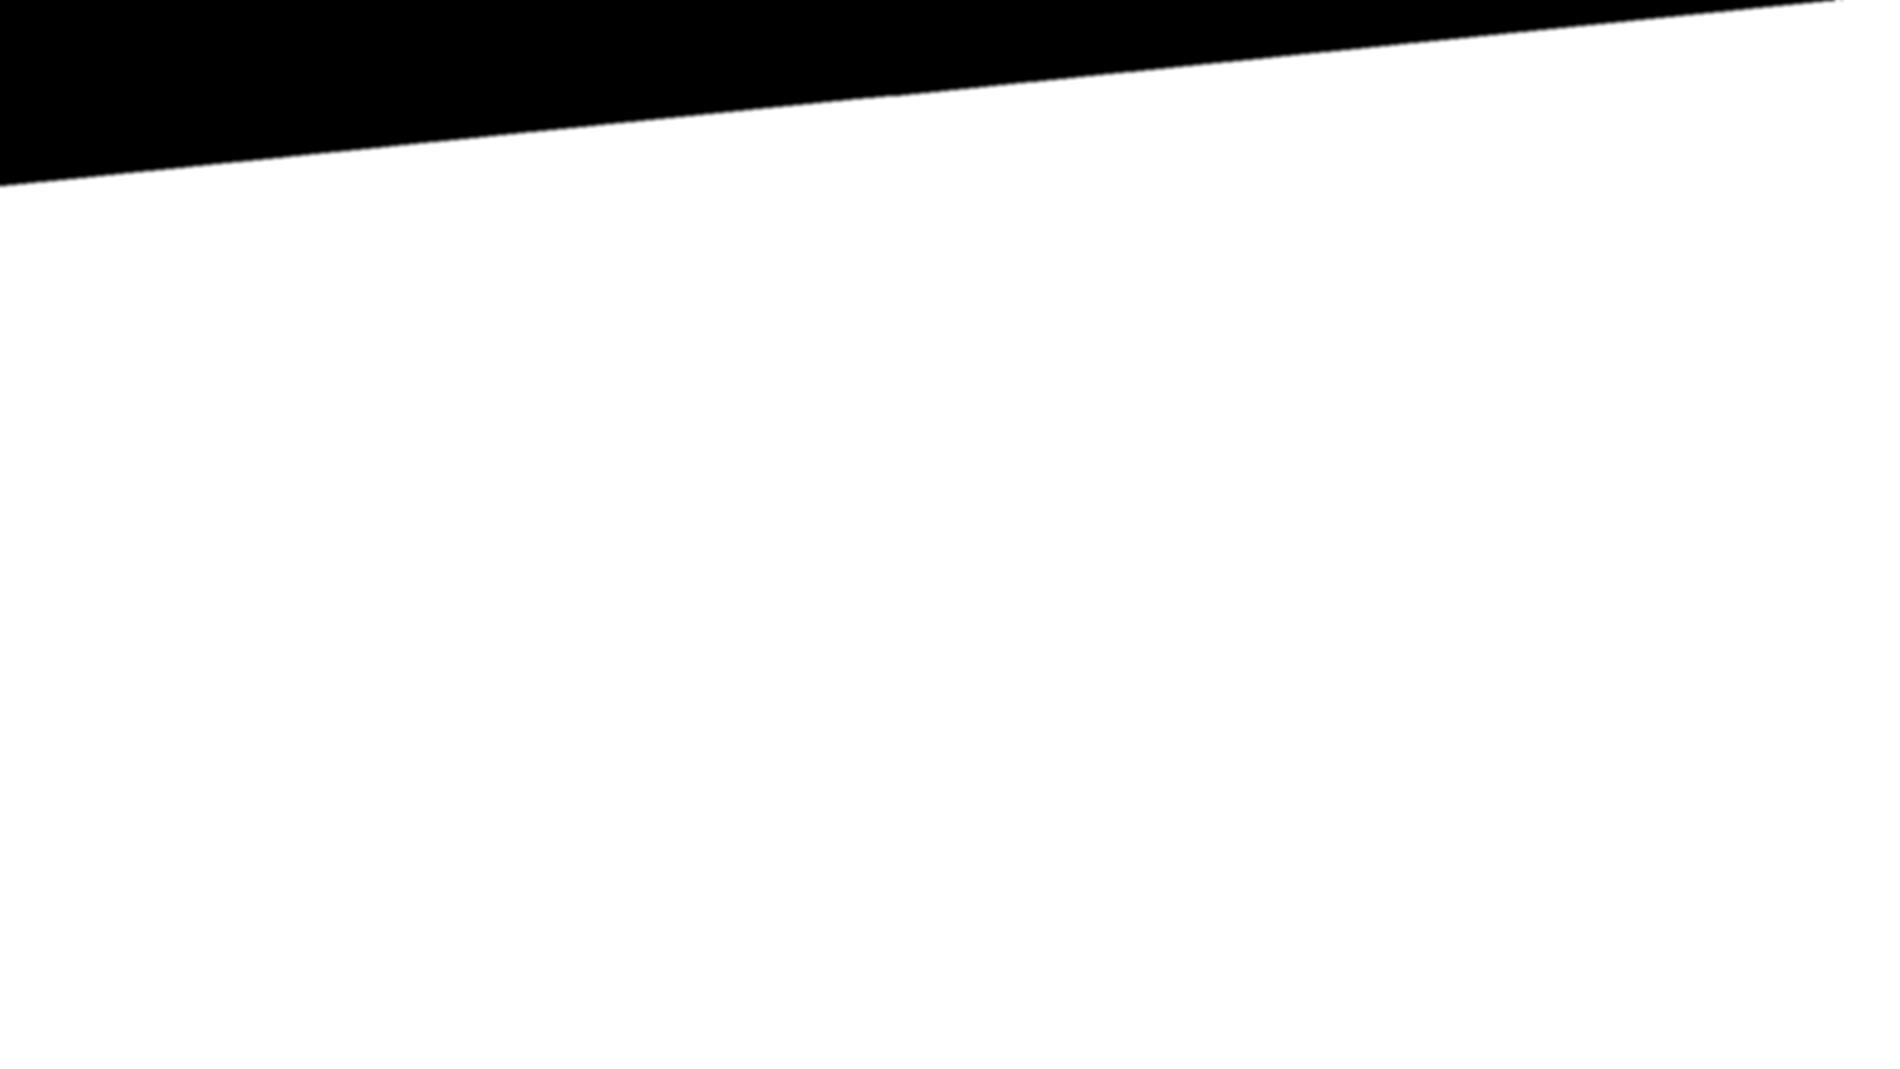 fascia obliqua bianca - Copia.png